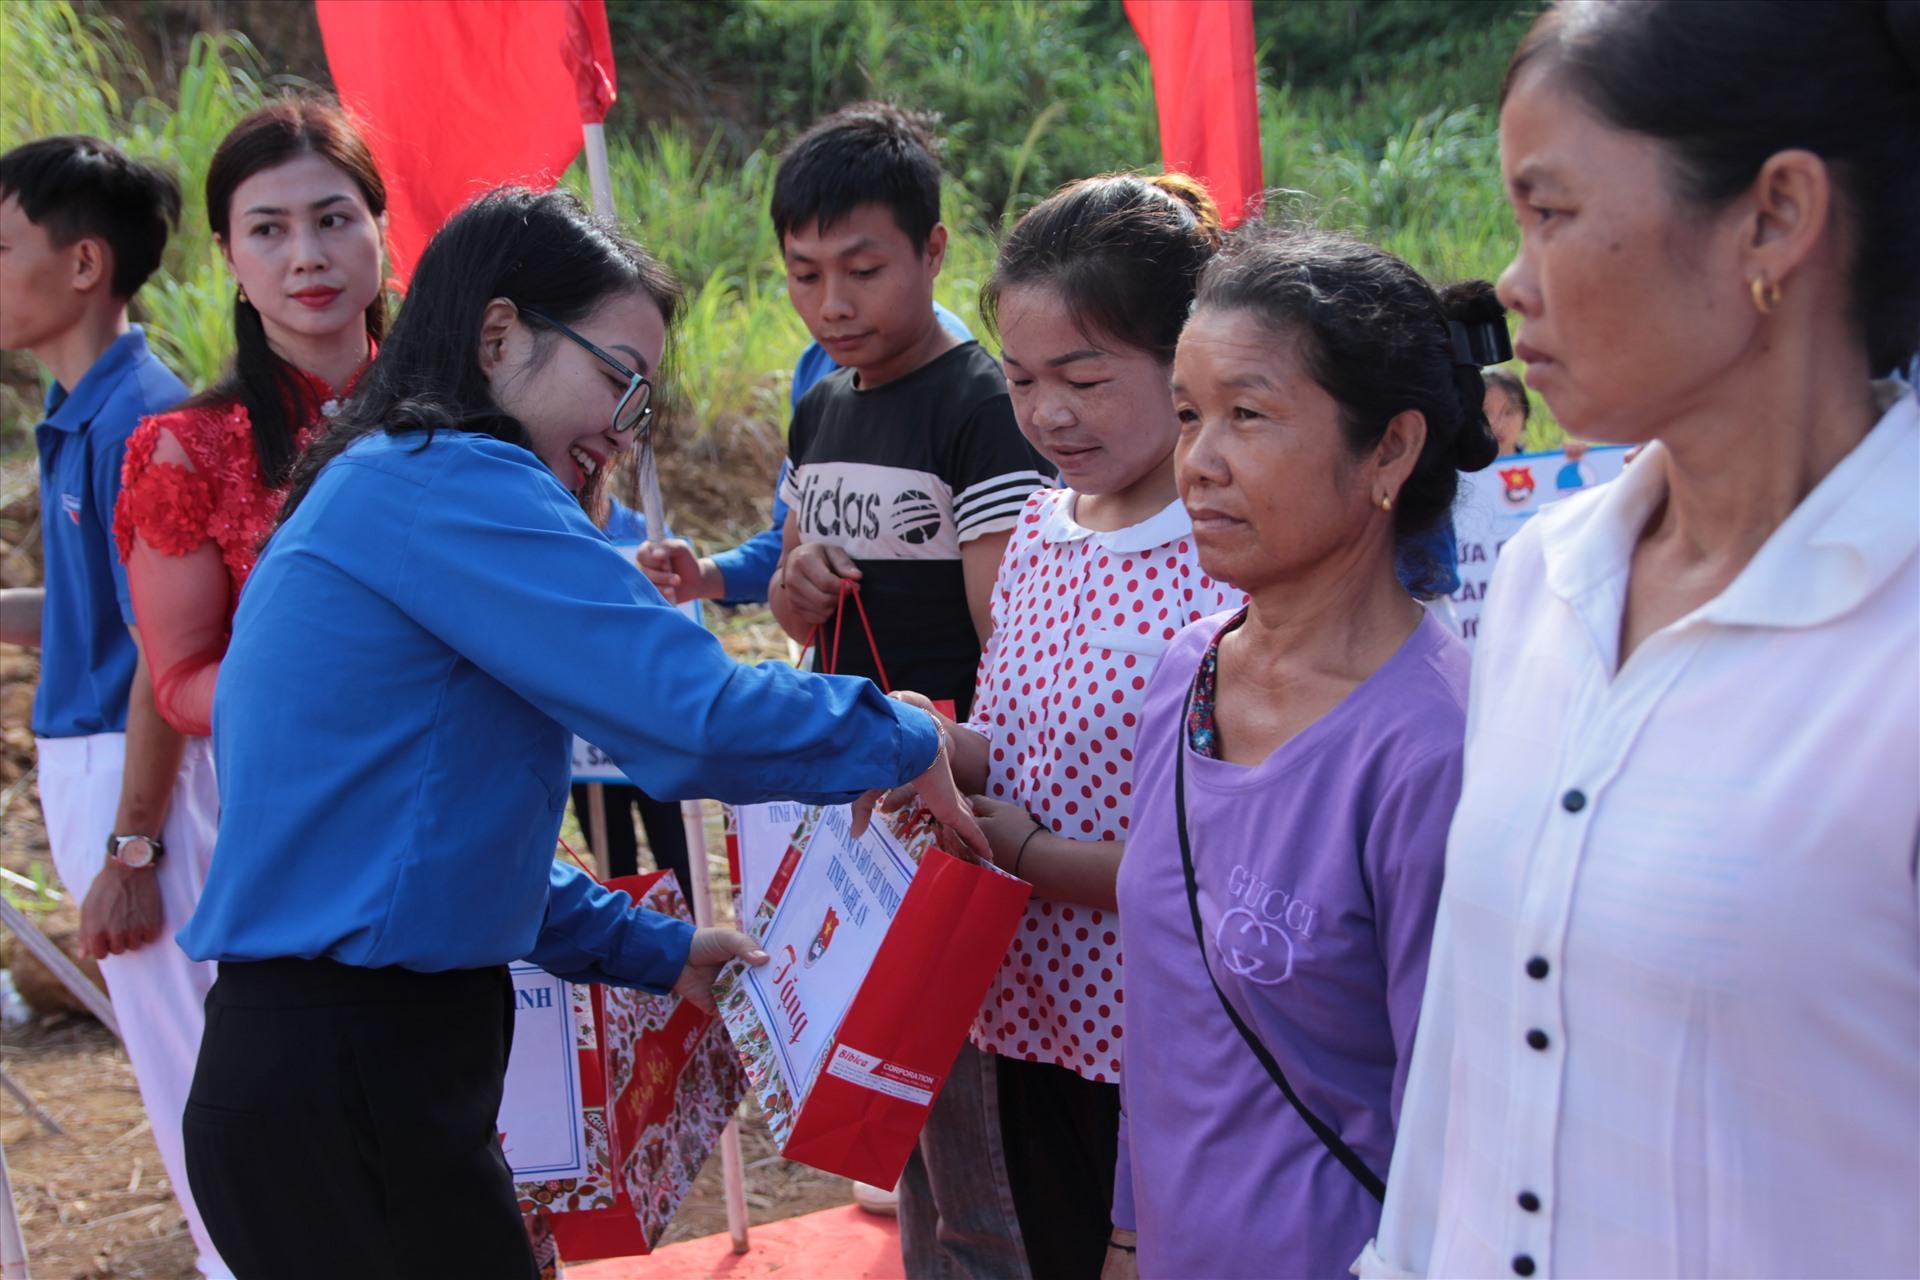 Lãnh đạo Tỉnh đoàn Nghệ An trao quà cho bà con huyện miền núi Kỳ Sơn. Ảnh: Trần Tuyên